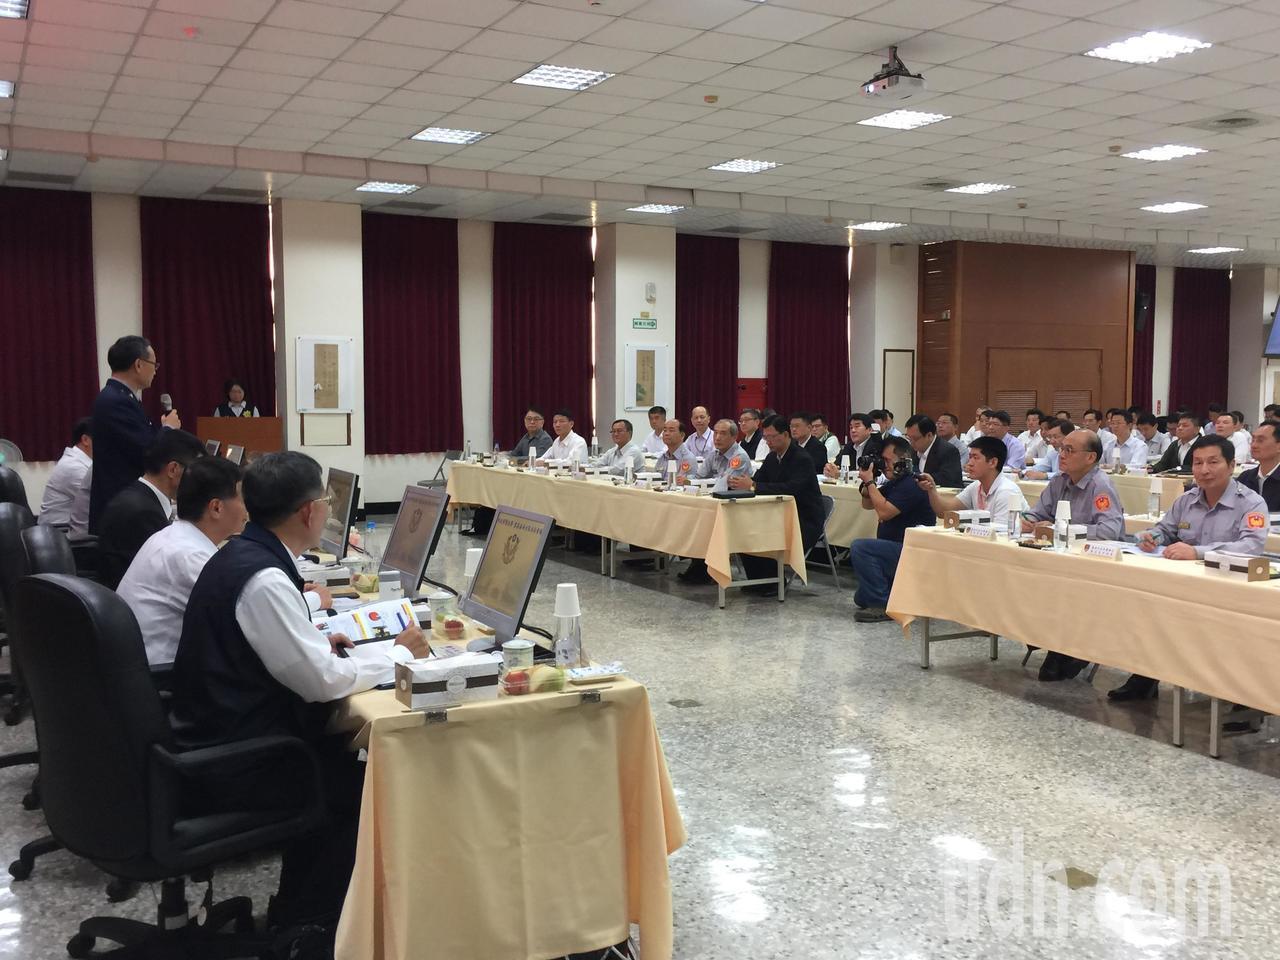 雲嘉南分區治安會議今天在台南市警察局舉行。記者吳政修/攝影